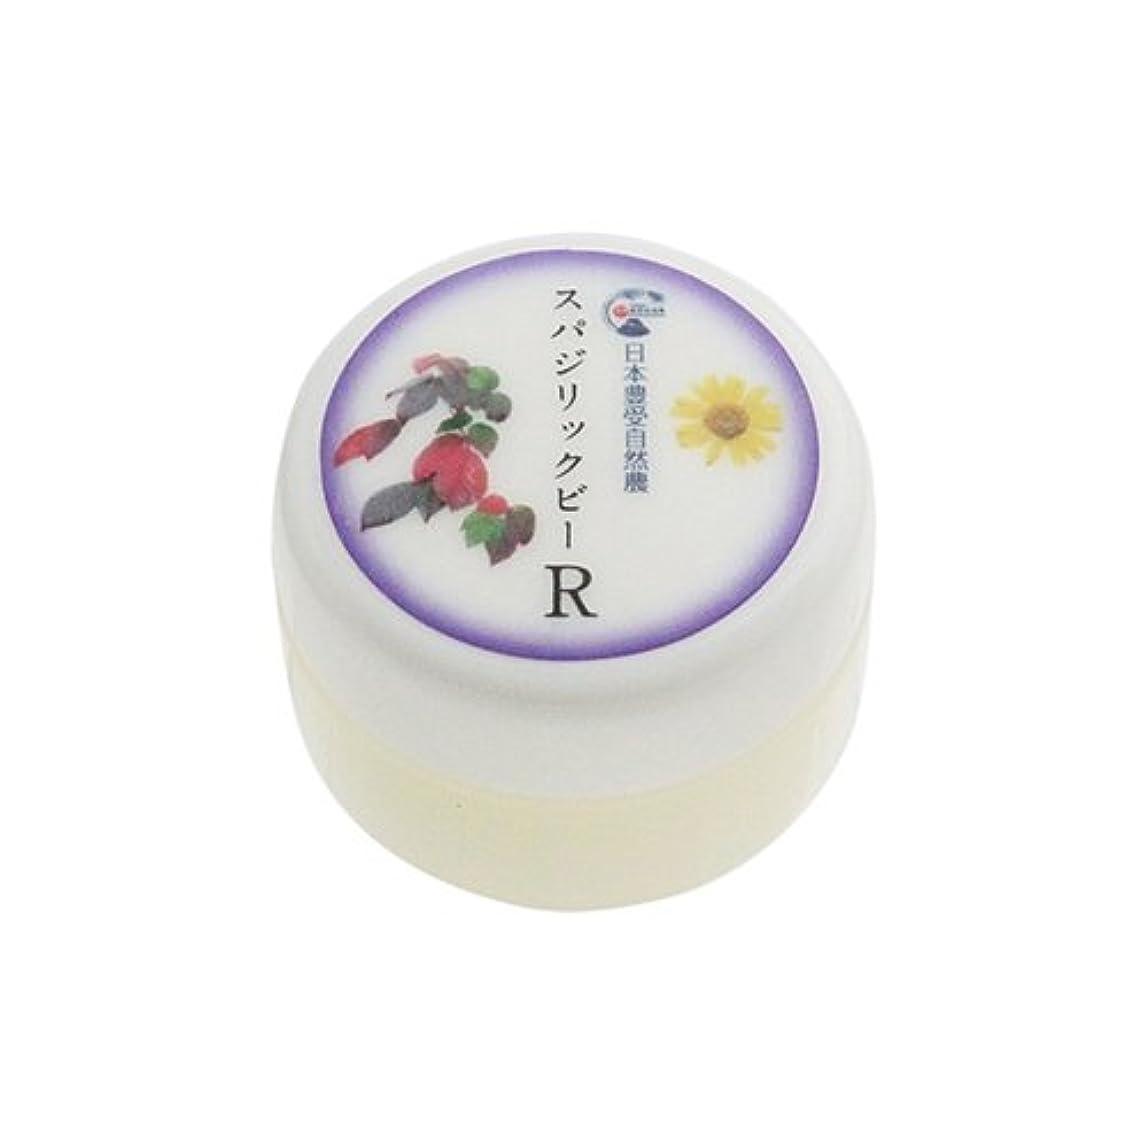 登録する放射能甘美な日本豊受自然農 スパジリック ビーR(小) 10g